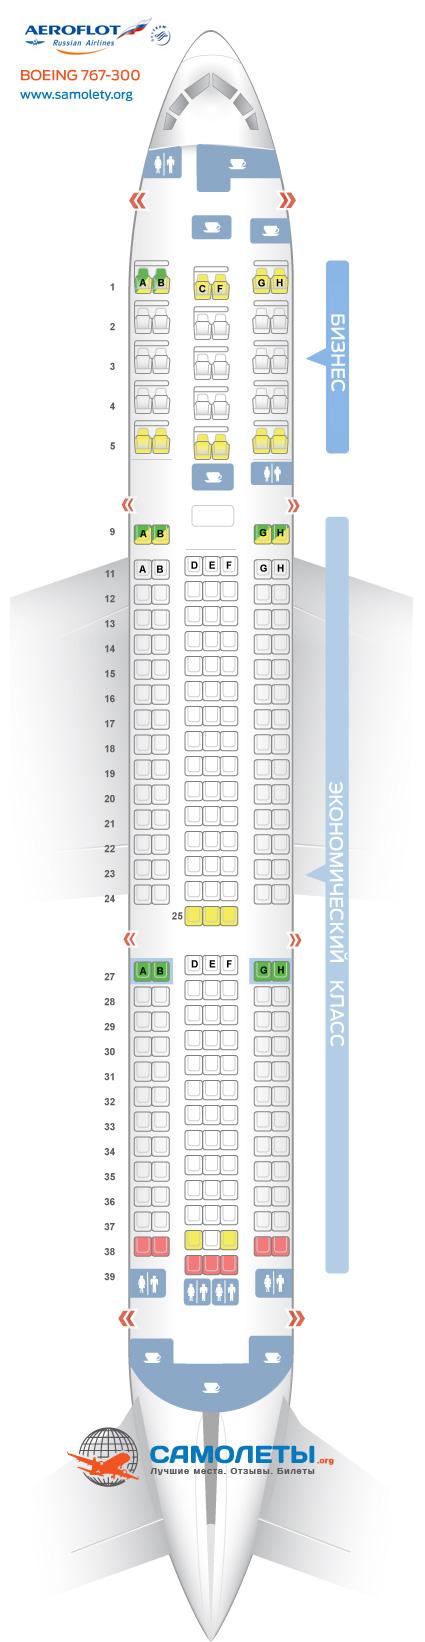 Другие вариации Boeing 767-300